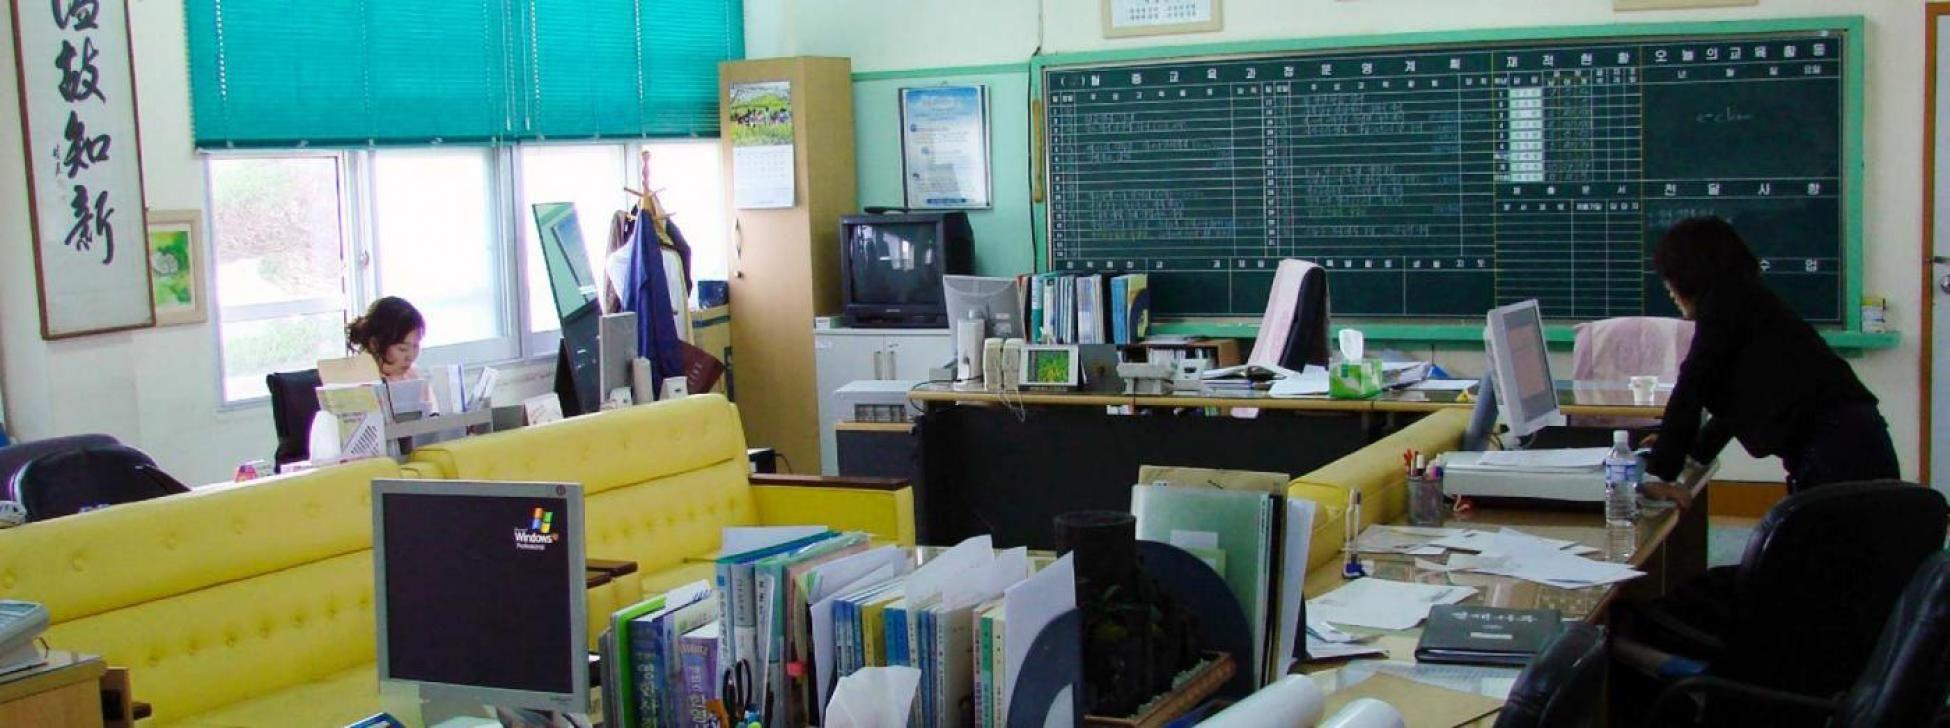 How to Get a Teaching Job at an International School